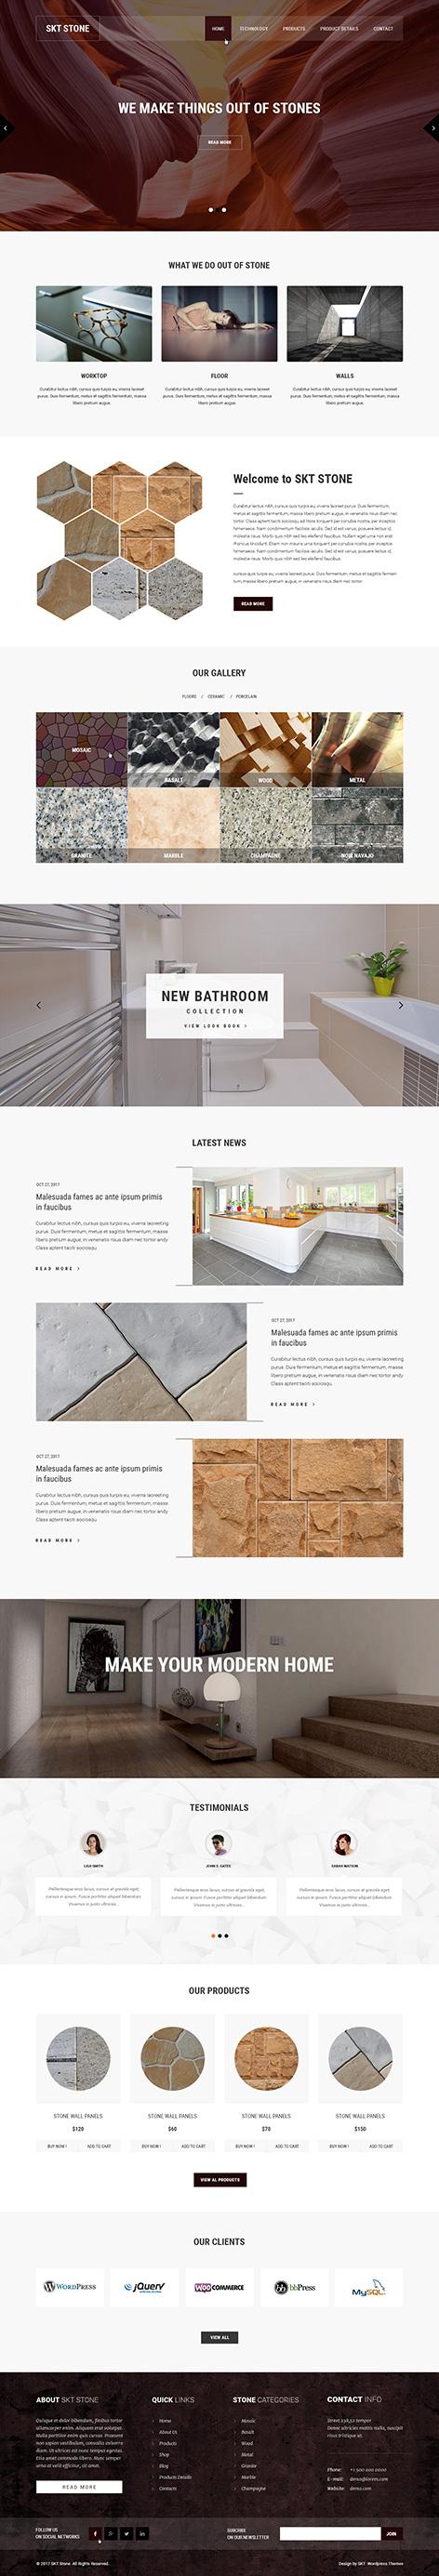 stone wordpress theme1 - Stone